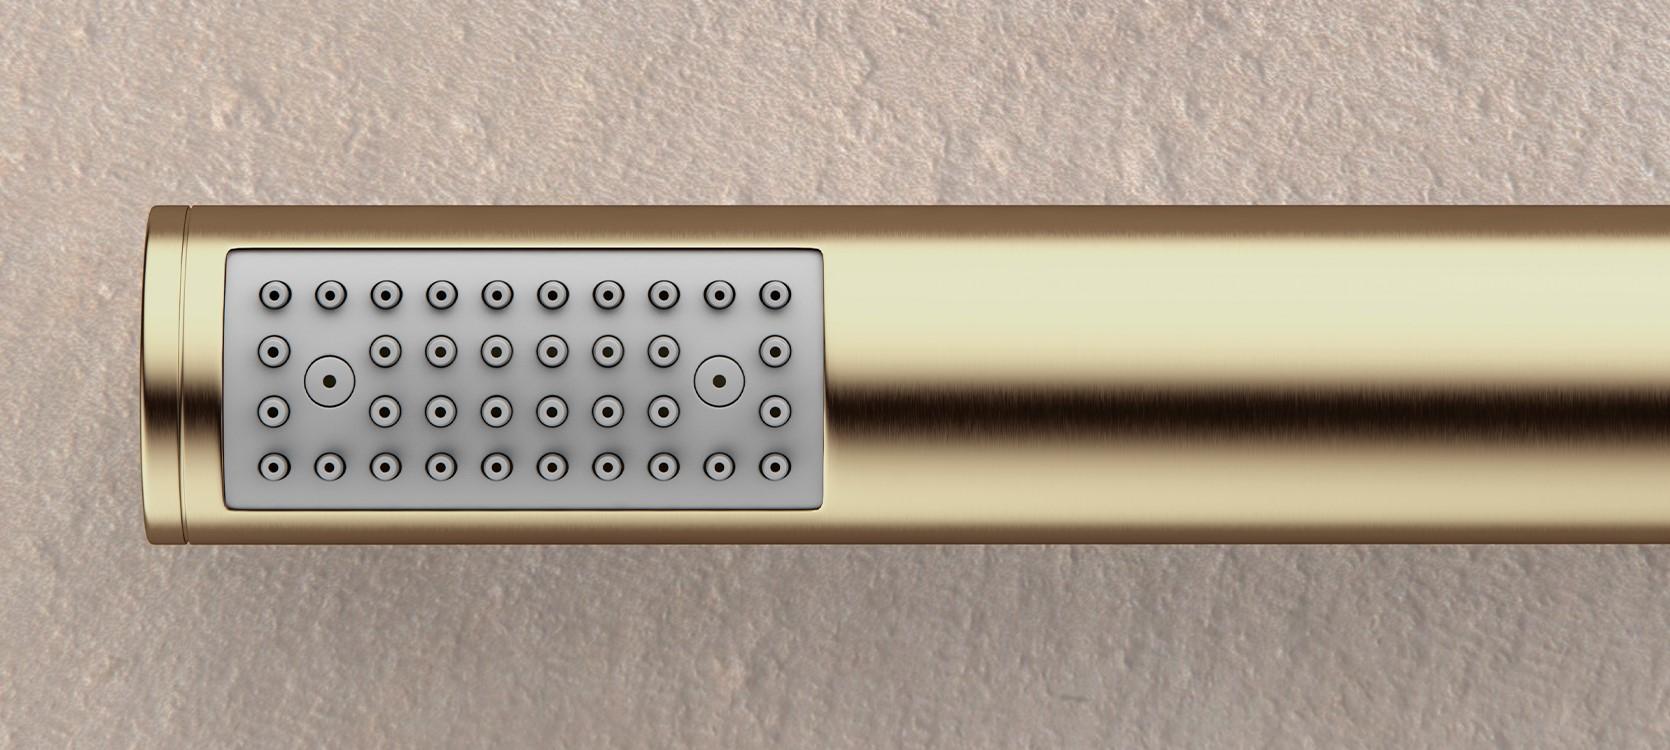 MPRO - Brushed Brass - Shower Handset